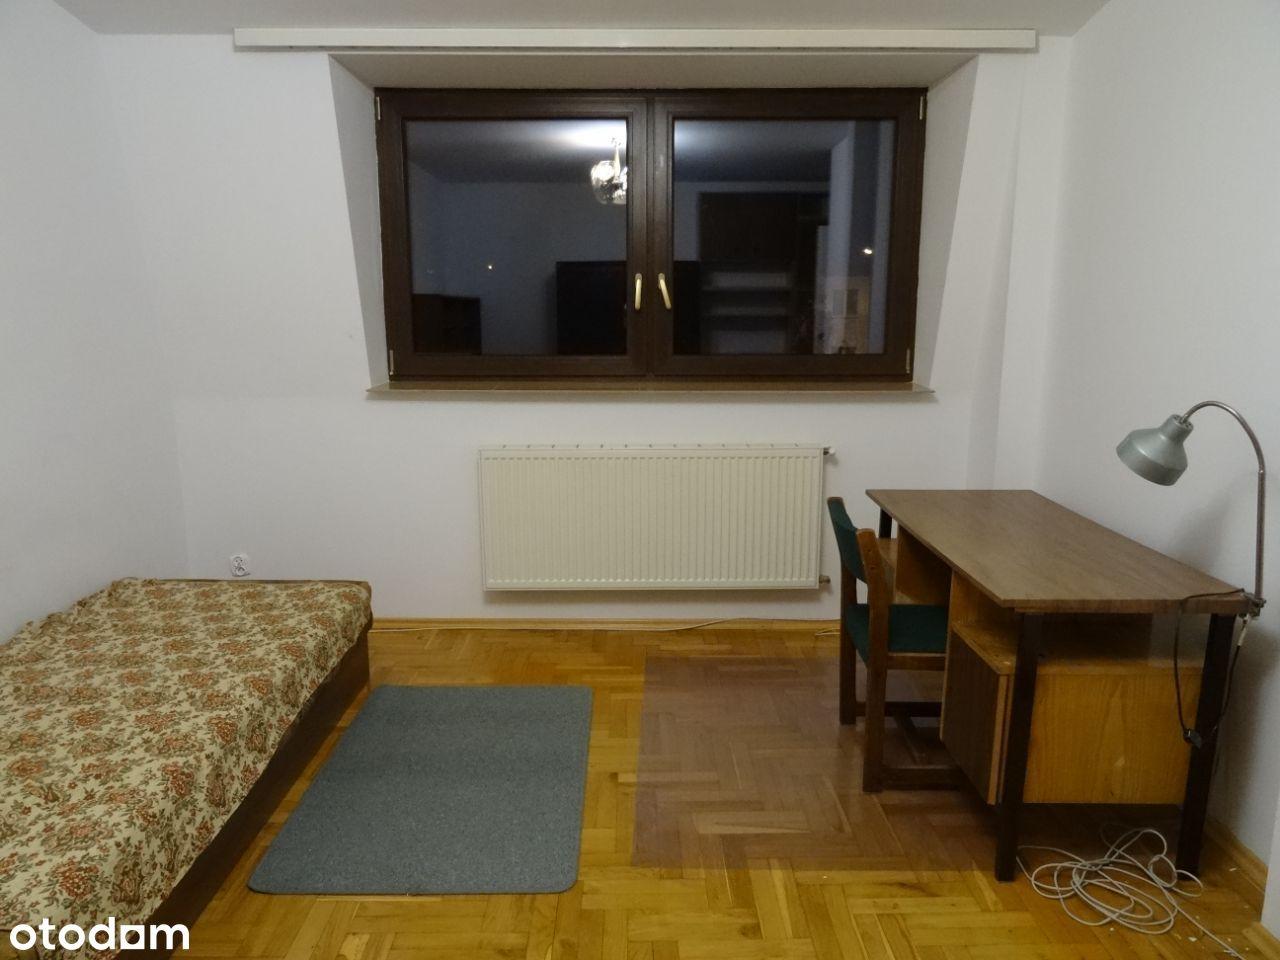 Pokoje do wynajęcia, Lublin, LSM